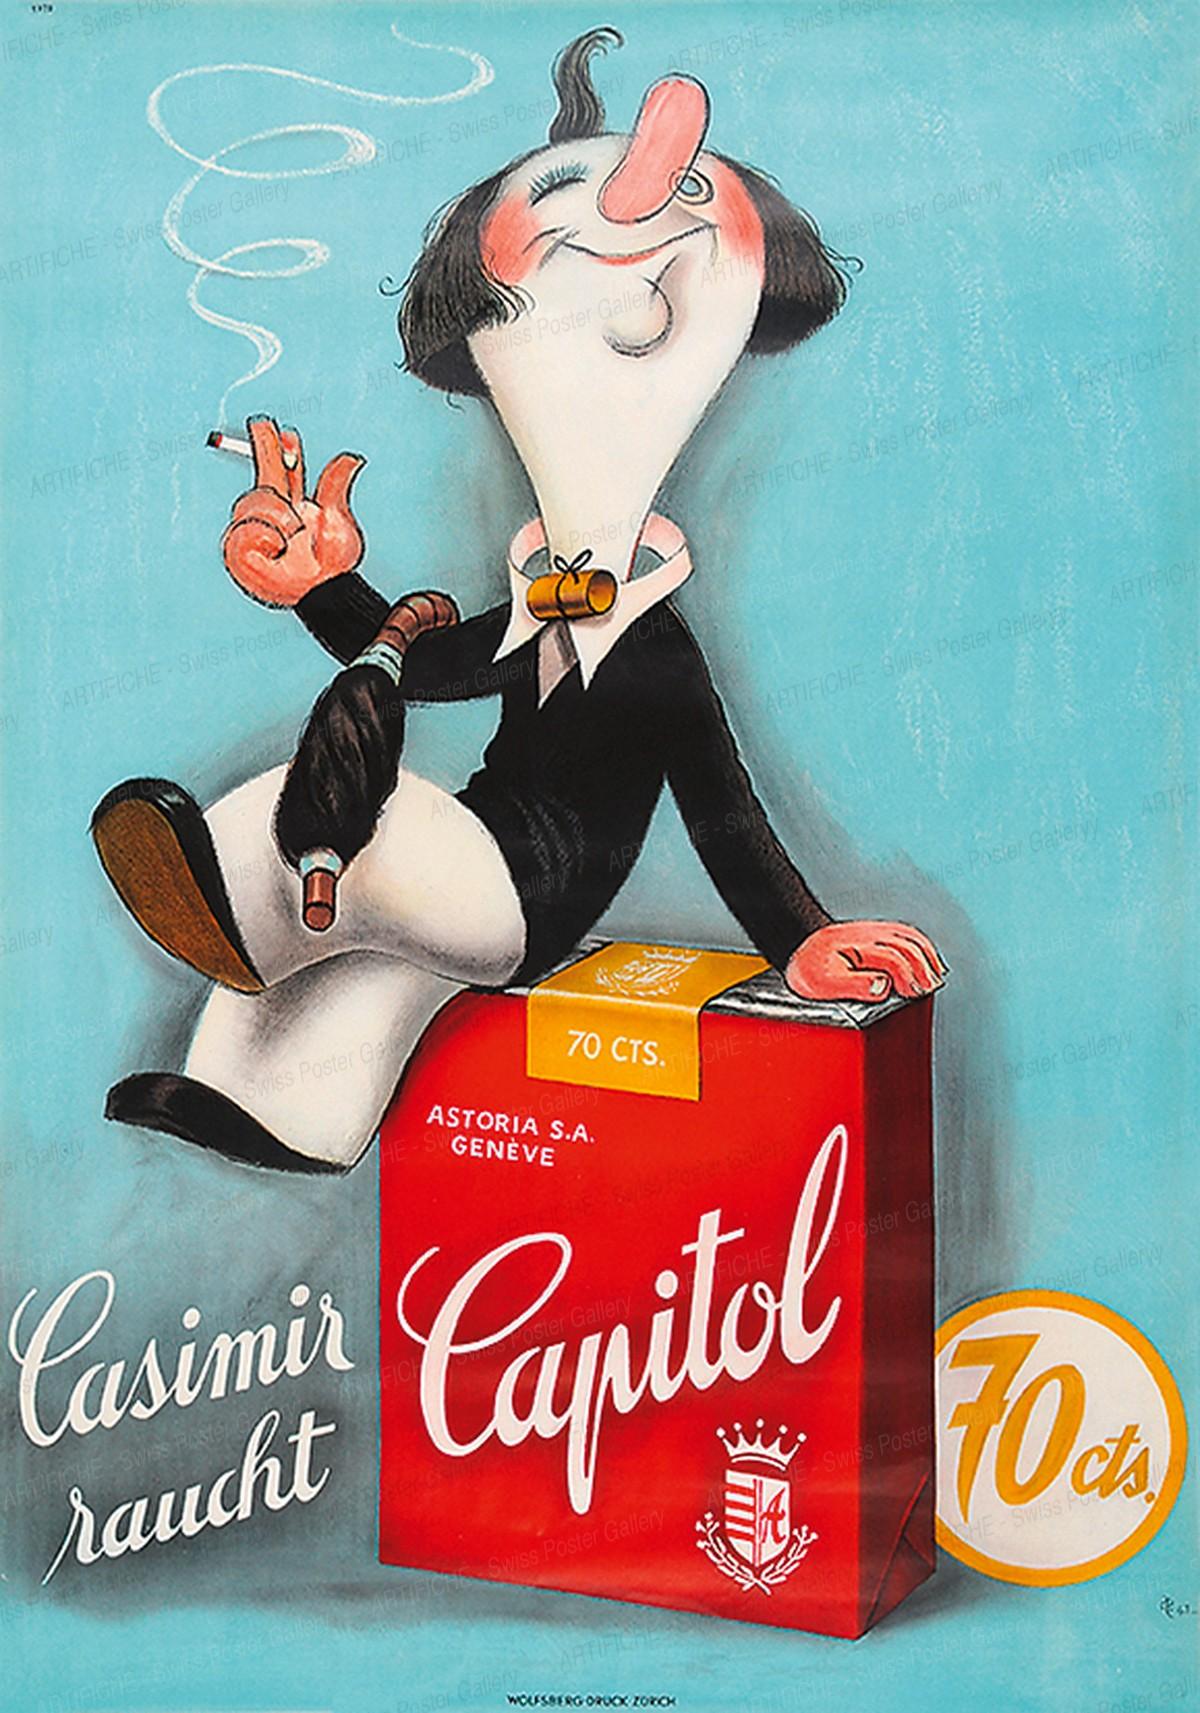 Casimir raucht Capitol, Hugo Laubi